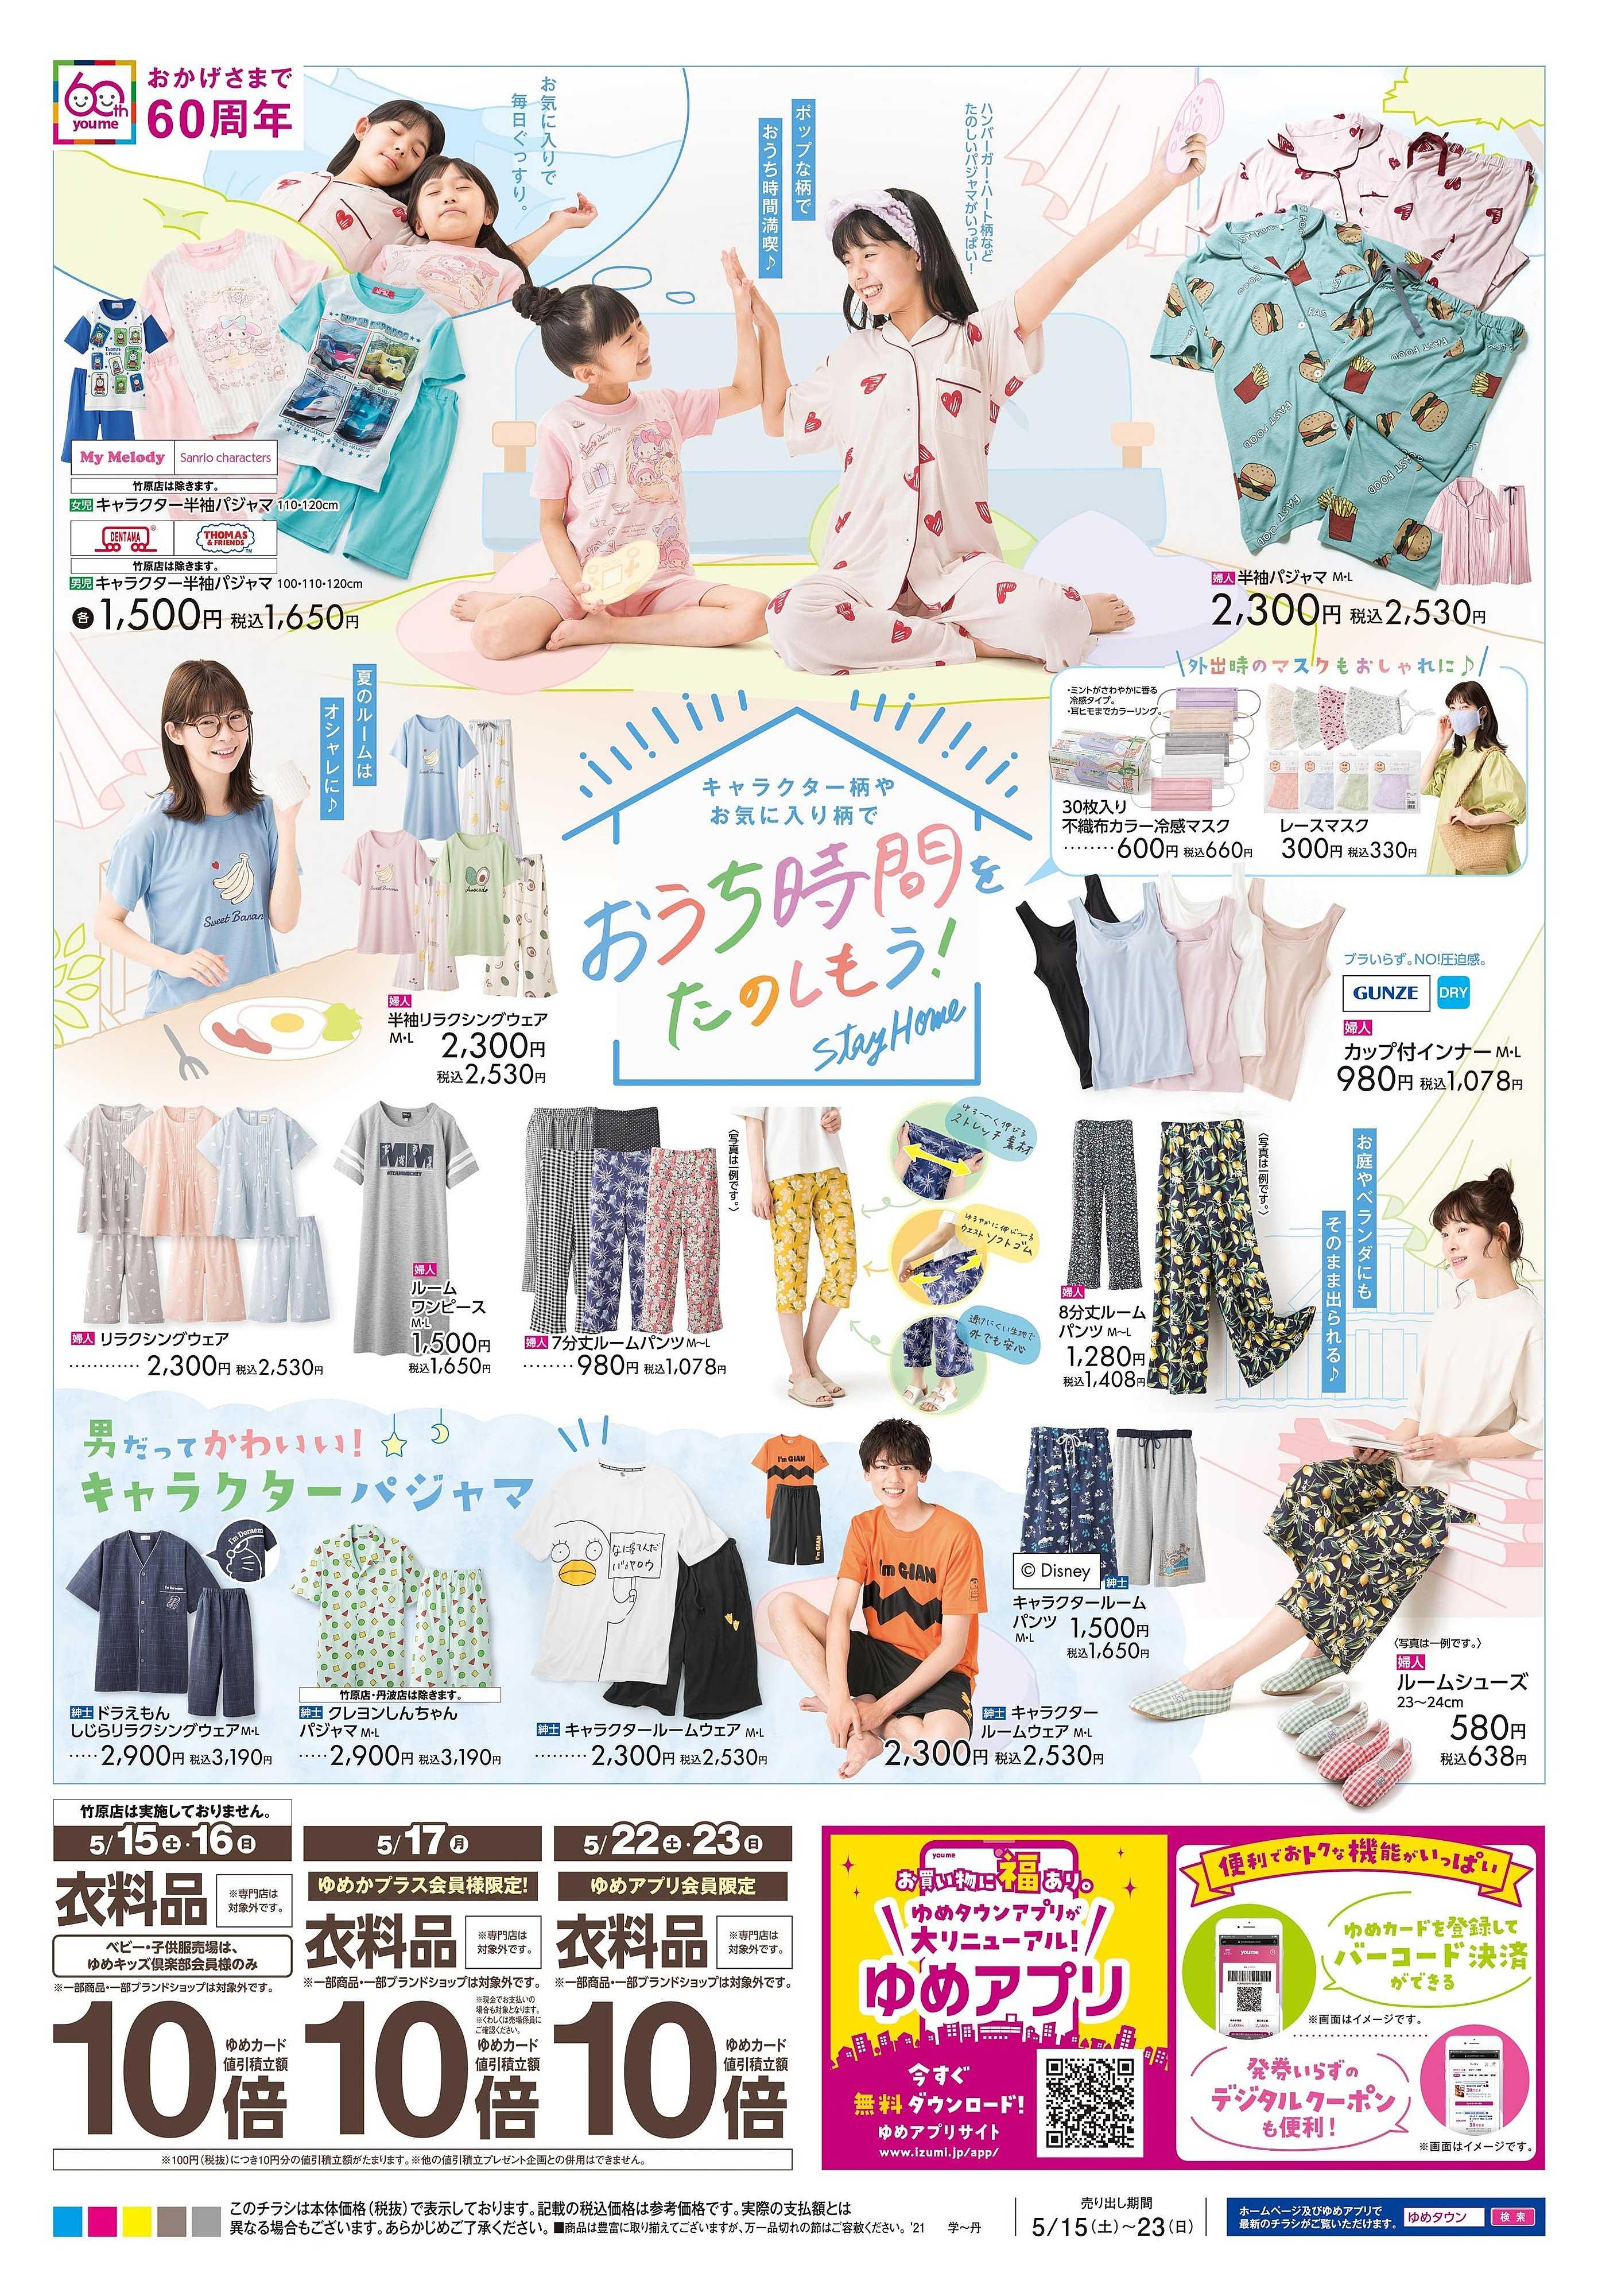 ゆめタウン 5/15(土)-5/23(日)